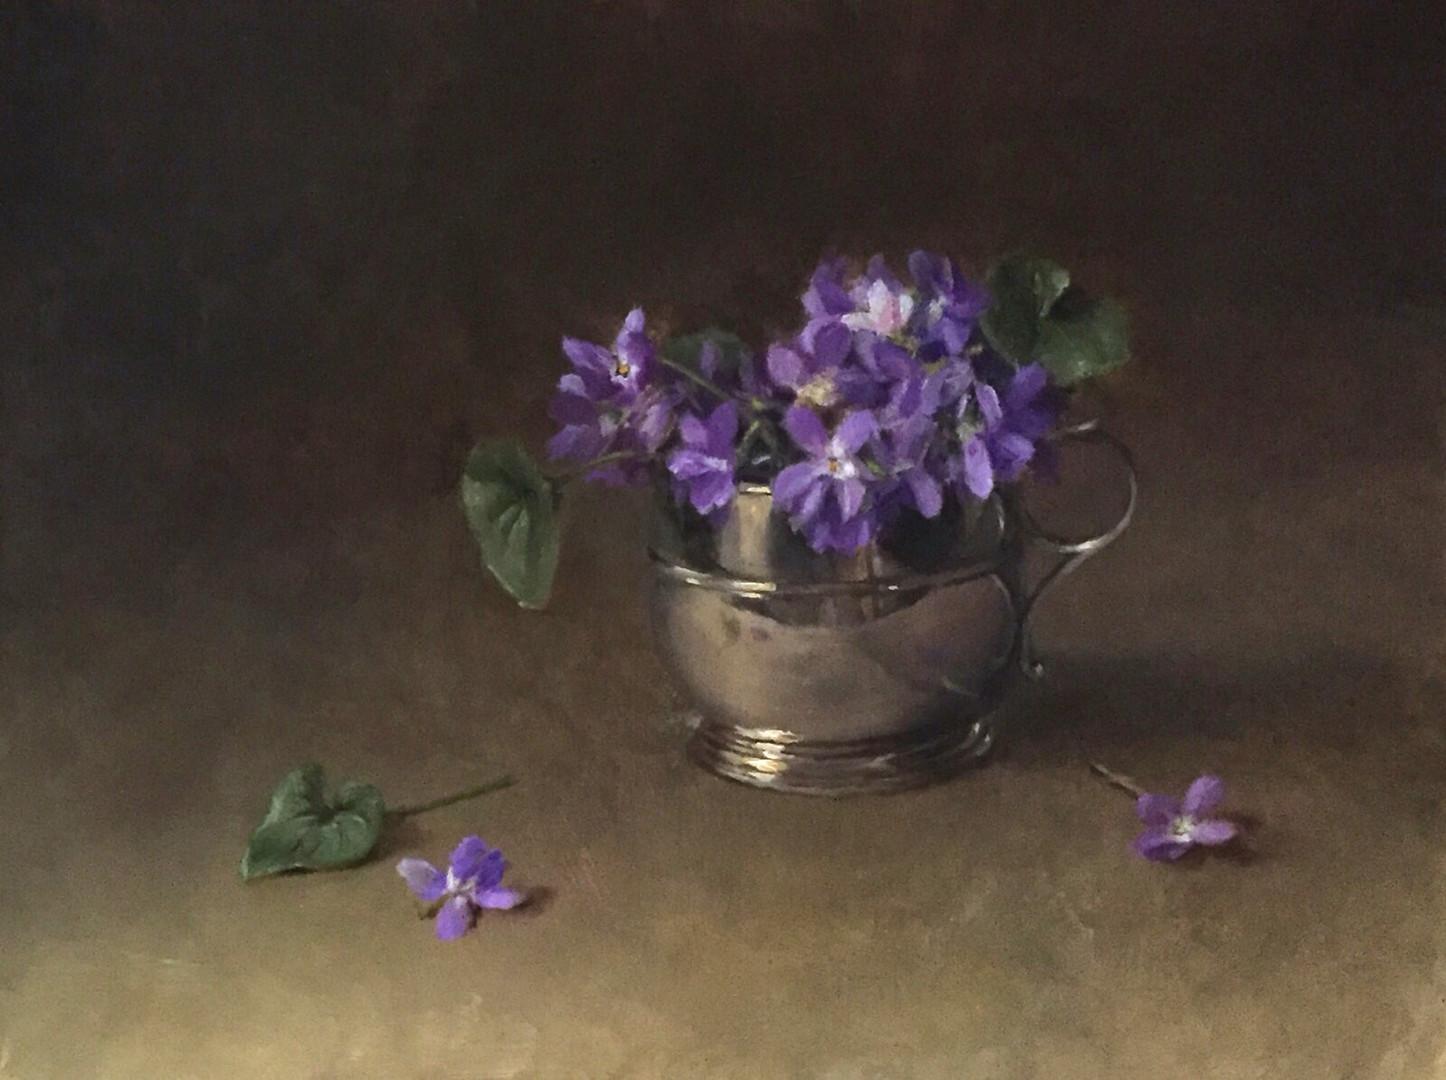 Violets in christening mug